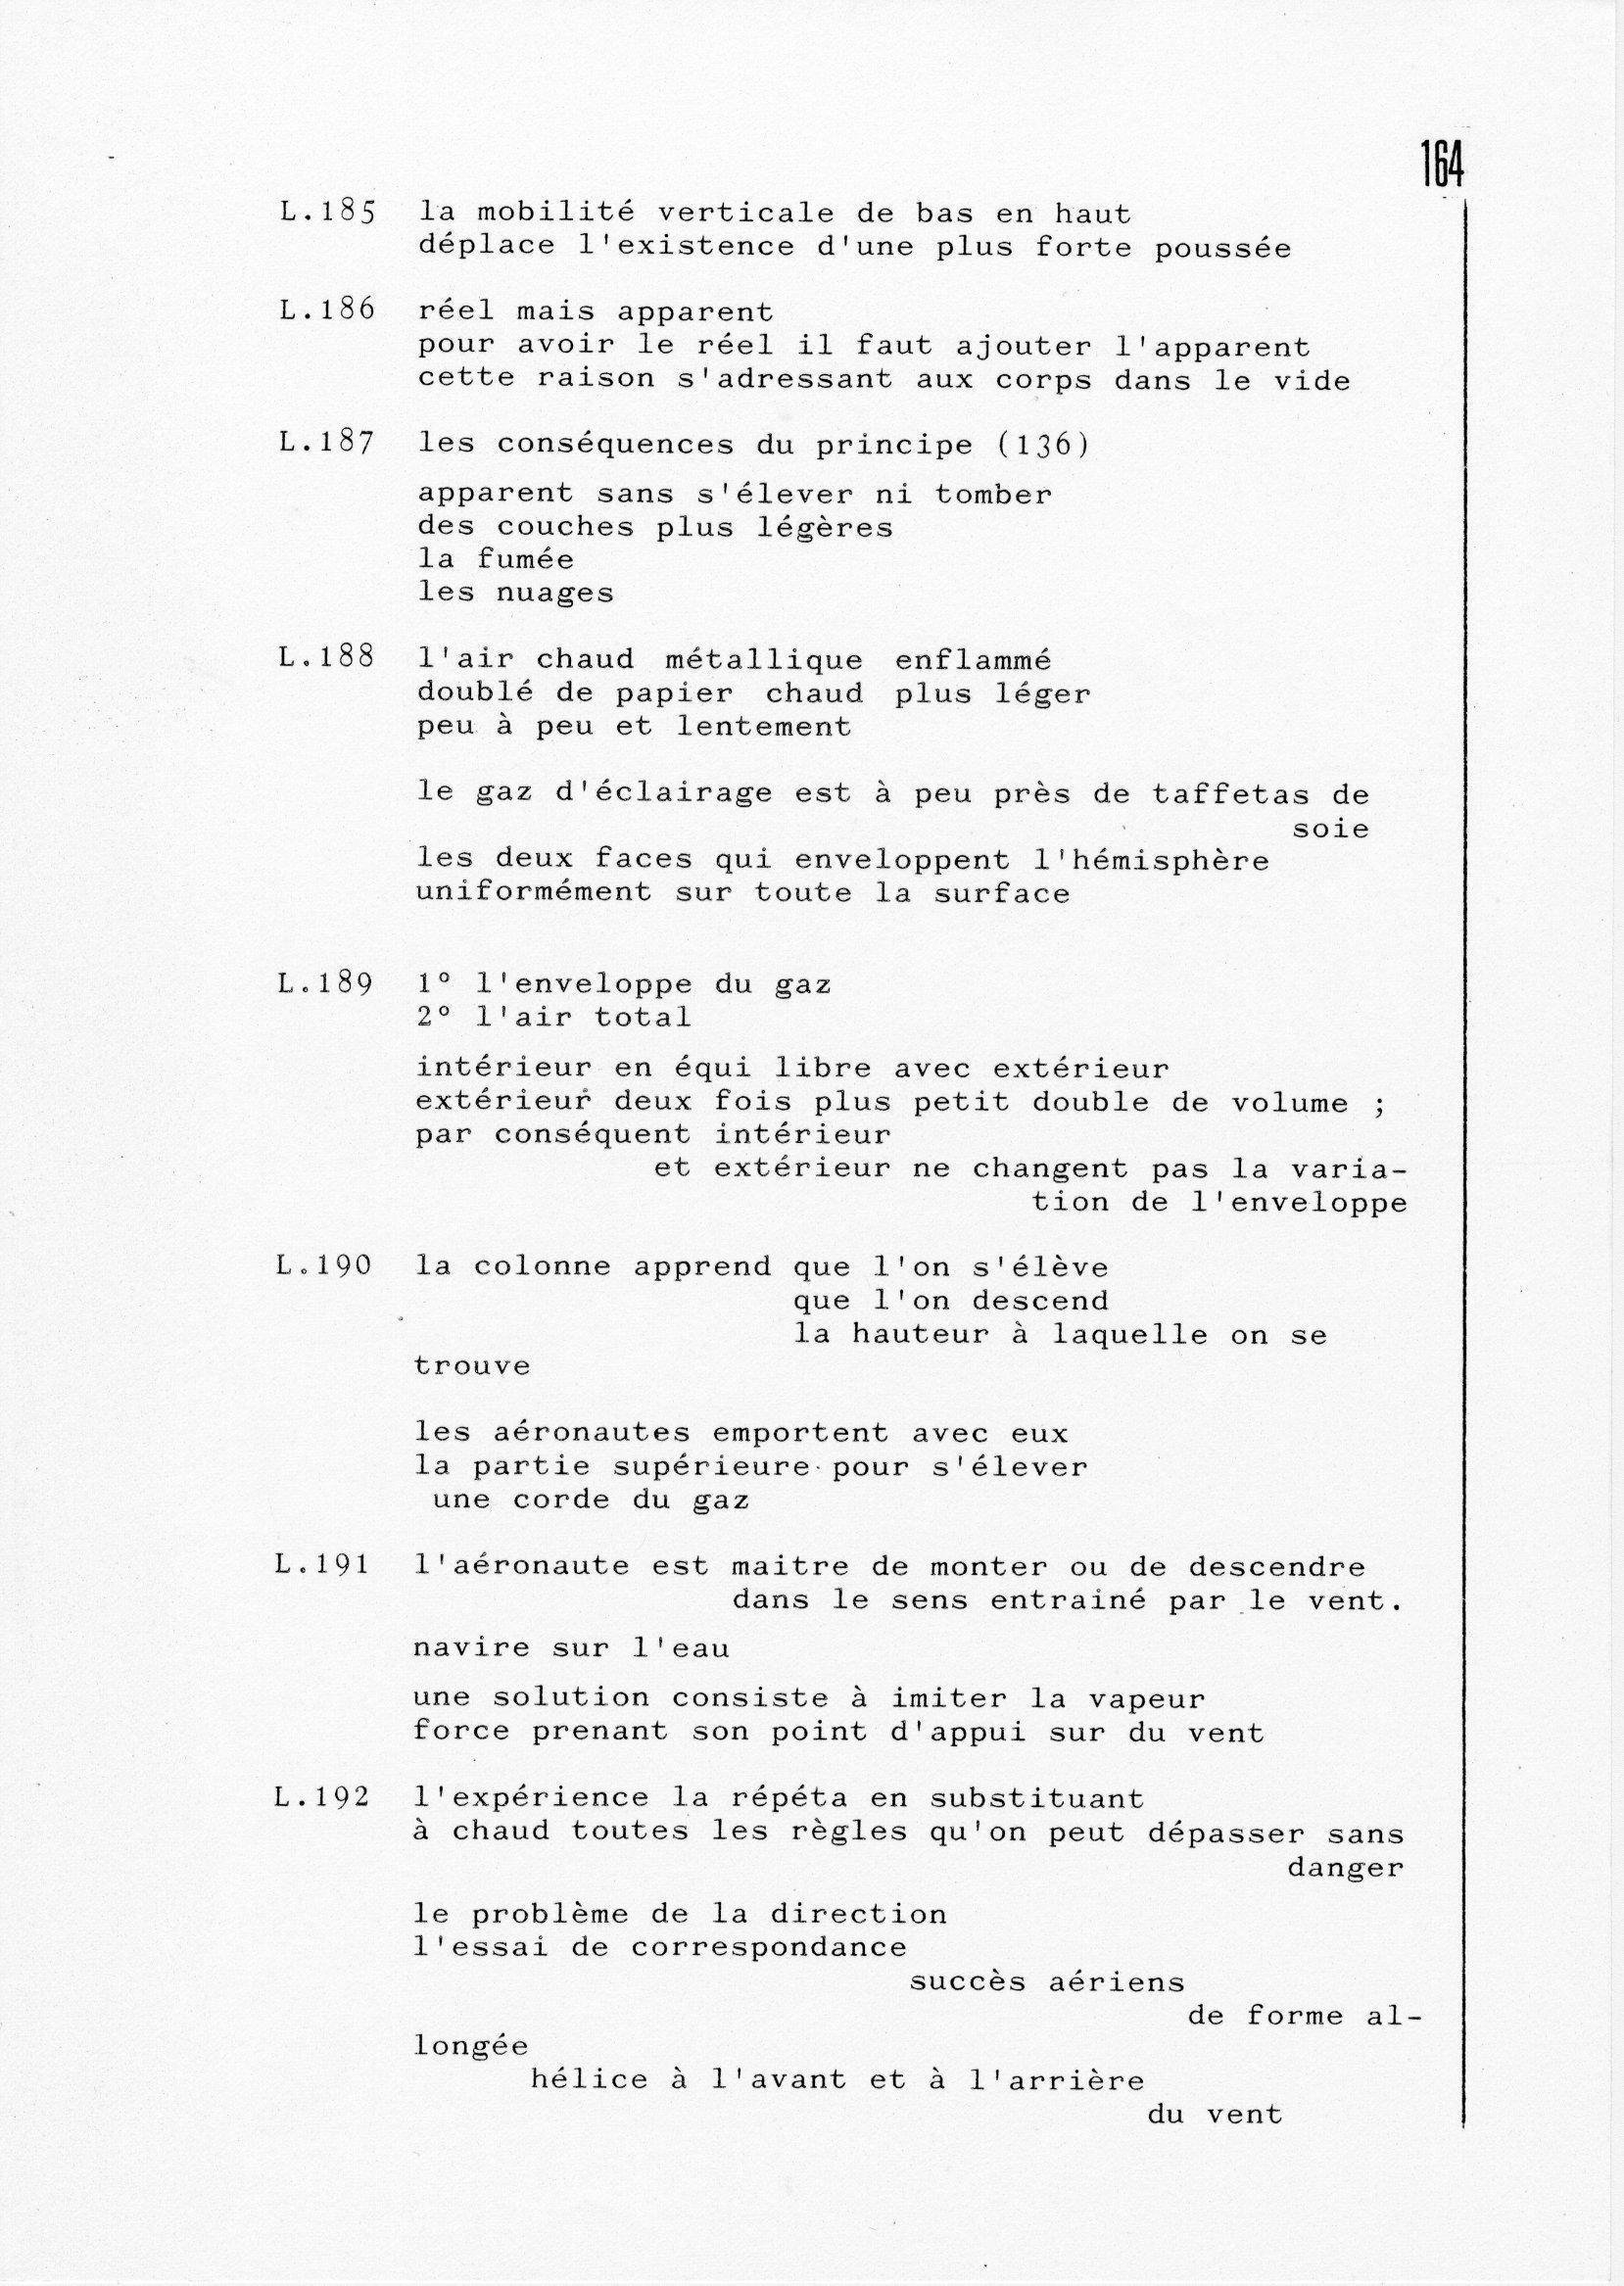 page 0164 D. Som Wong  PHYSIQUE es Lettres ( 2ème partie, sui